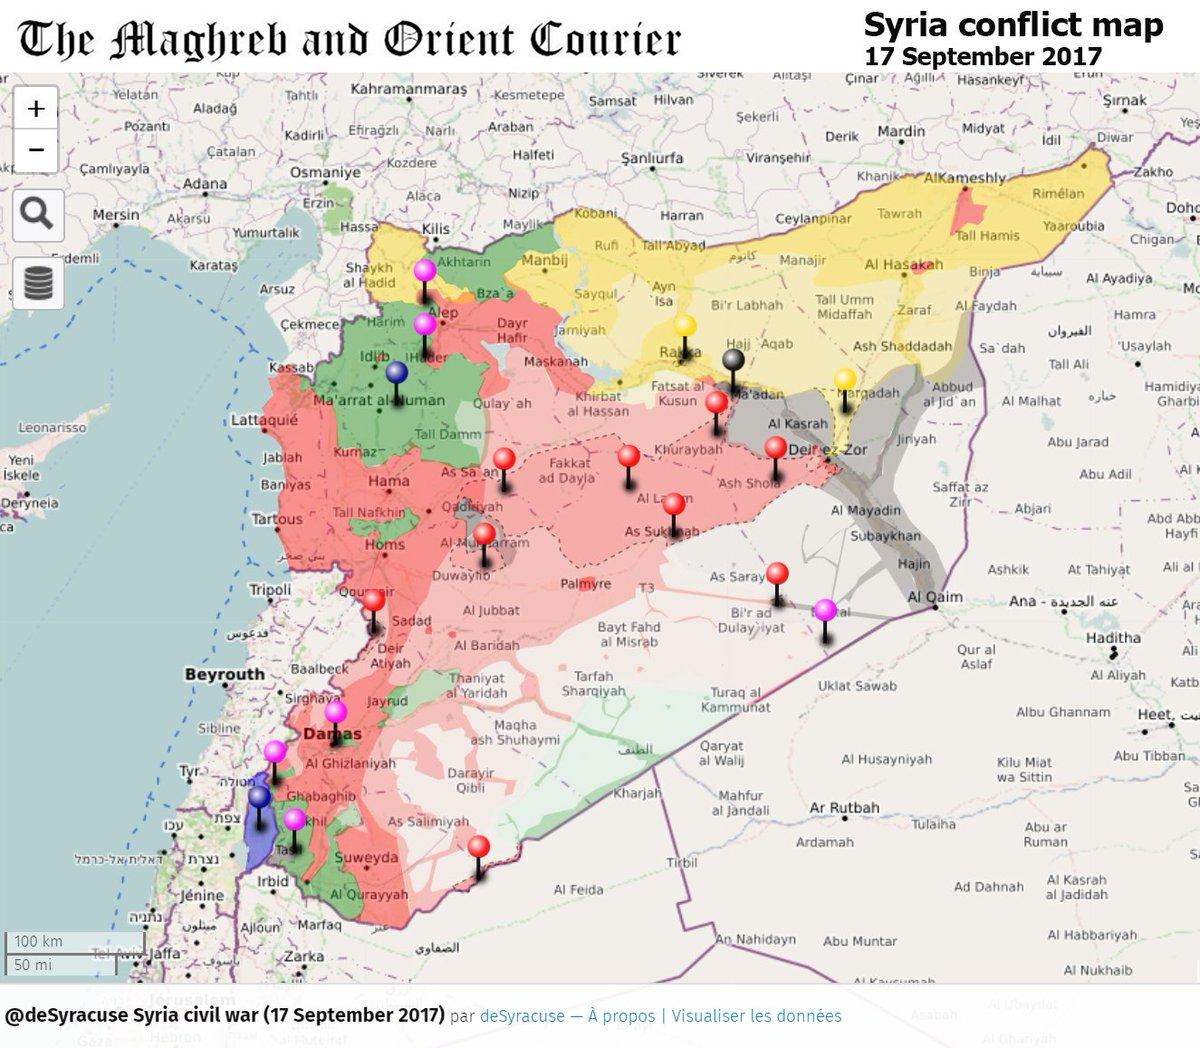 Agathocle DeSyracuse DeSyracuse Twitter - Syria map